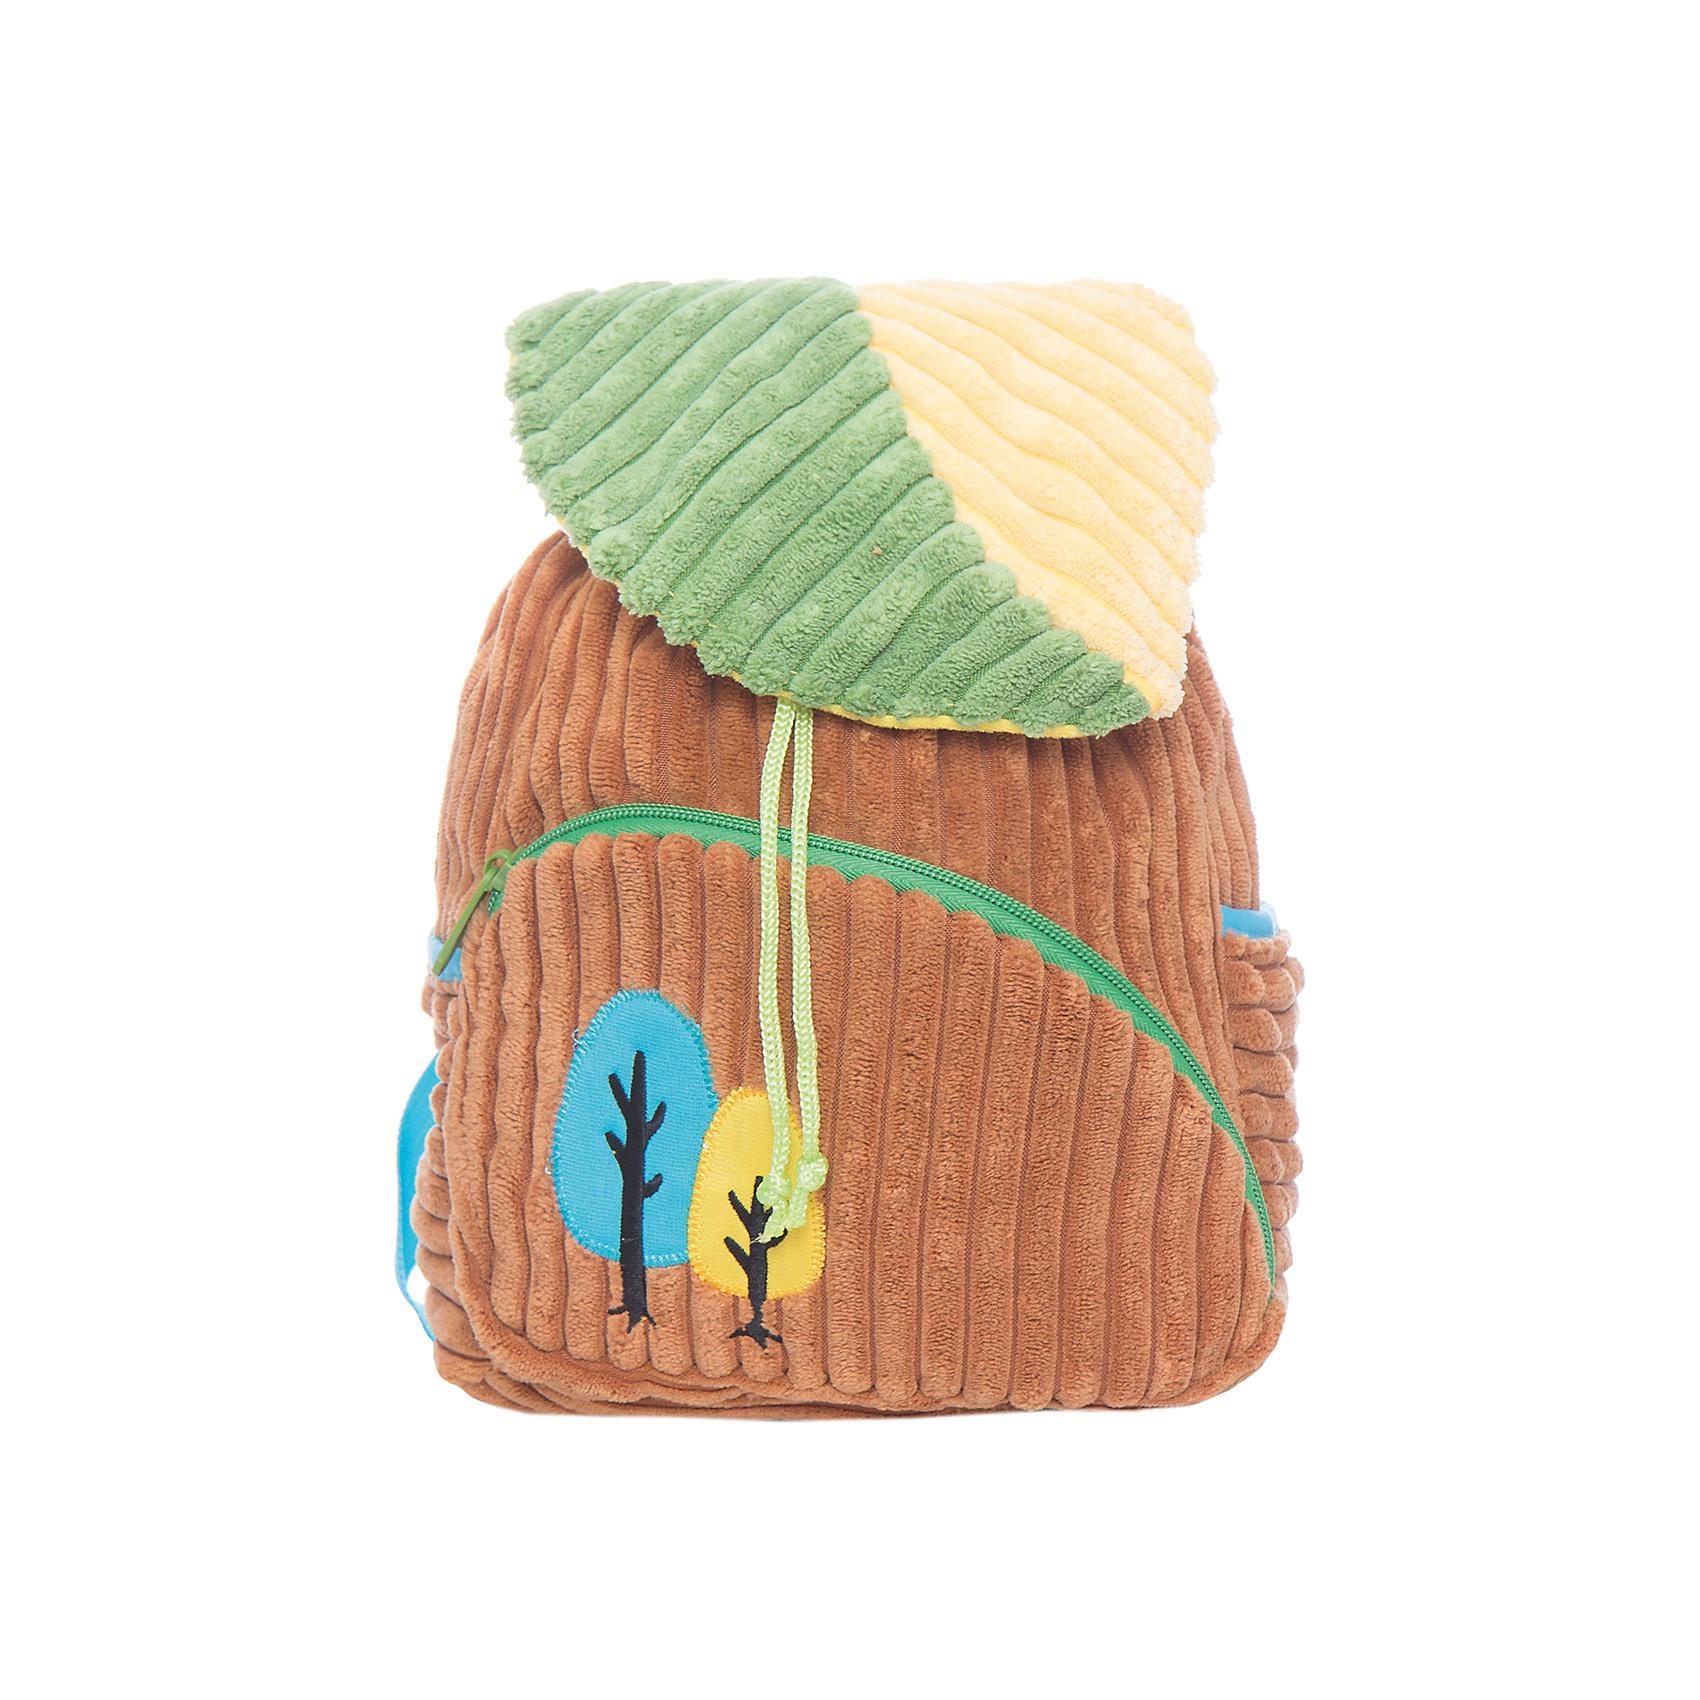 Рюкзачок Лес, бежево-зеленый,  20*28 см.Детские рюкзаки<br>Яркий и мягкий рюкзачок Лес - специально для малышей! Он легкий и имеет небольшой размер - 20х28 см. Основное отделение затягивается на ремешок и закрывается клапаном. Спереди - карман на молнии, по бокам маленькие кармашки. Лямки регулируемые.<br><br>Ширина мм: 200<br>Глубина мм: 280<br>Высота мм: 600<br>Вес г: 175<br>Возраст от месяцев: 36<br>Возраст до месяцев: 2147483647<br>Пол: Унисекс<br>Возраст: Детский<br>SKU: 5508543